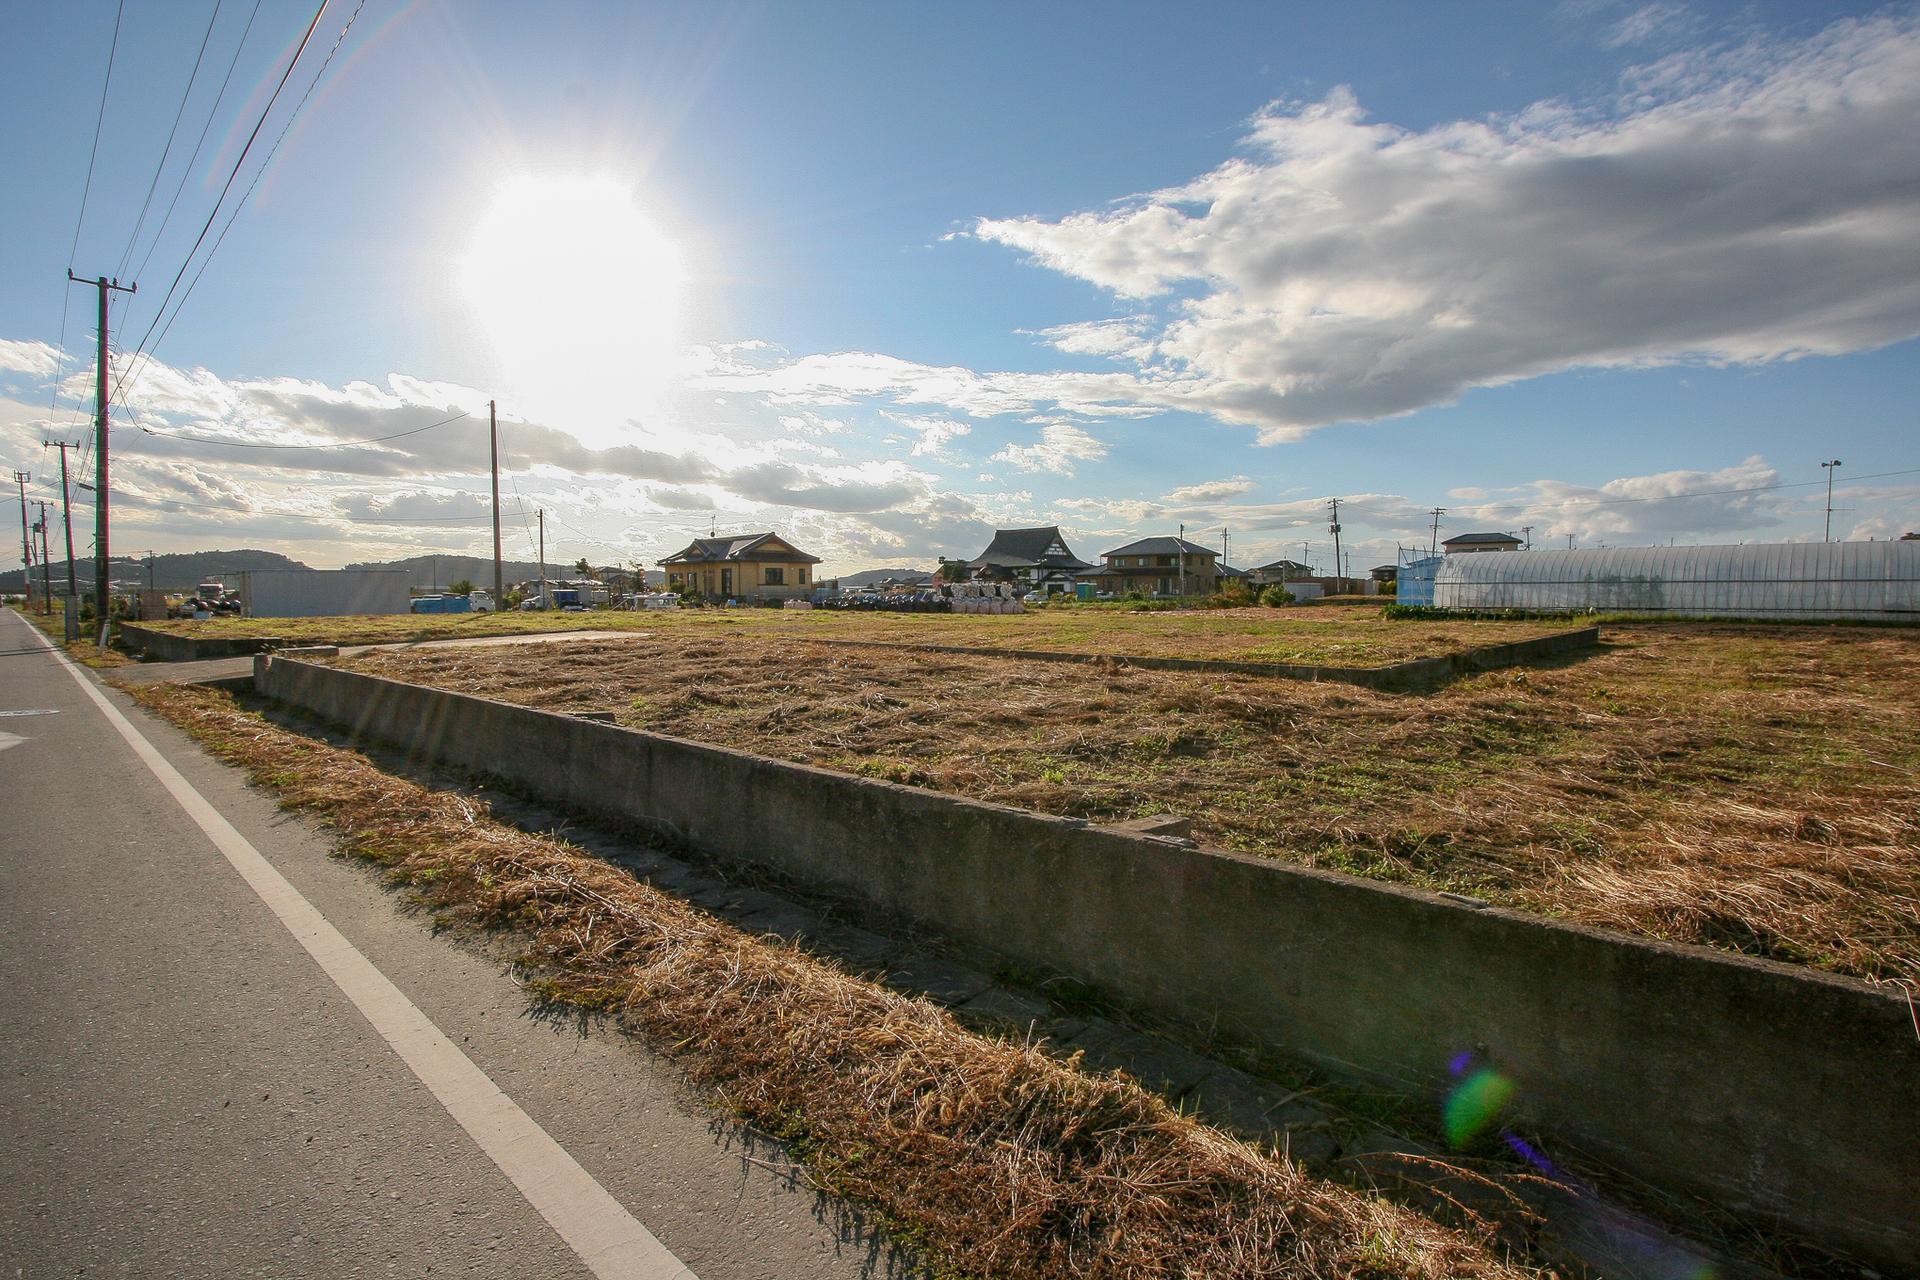 f:id:akichiniiko:20190501190130j:plain